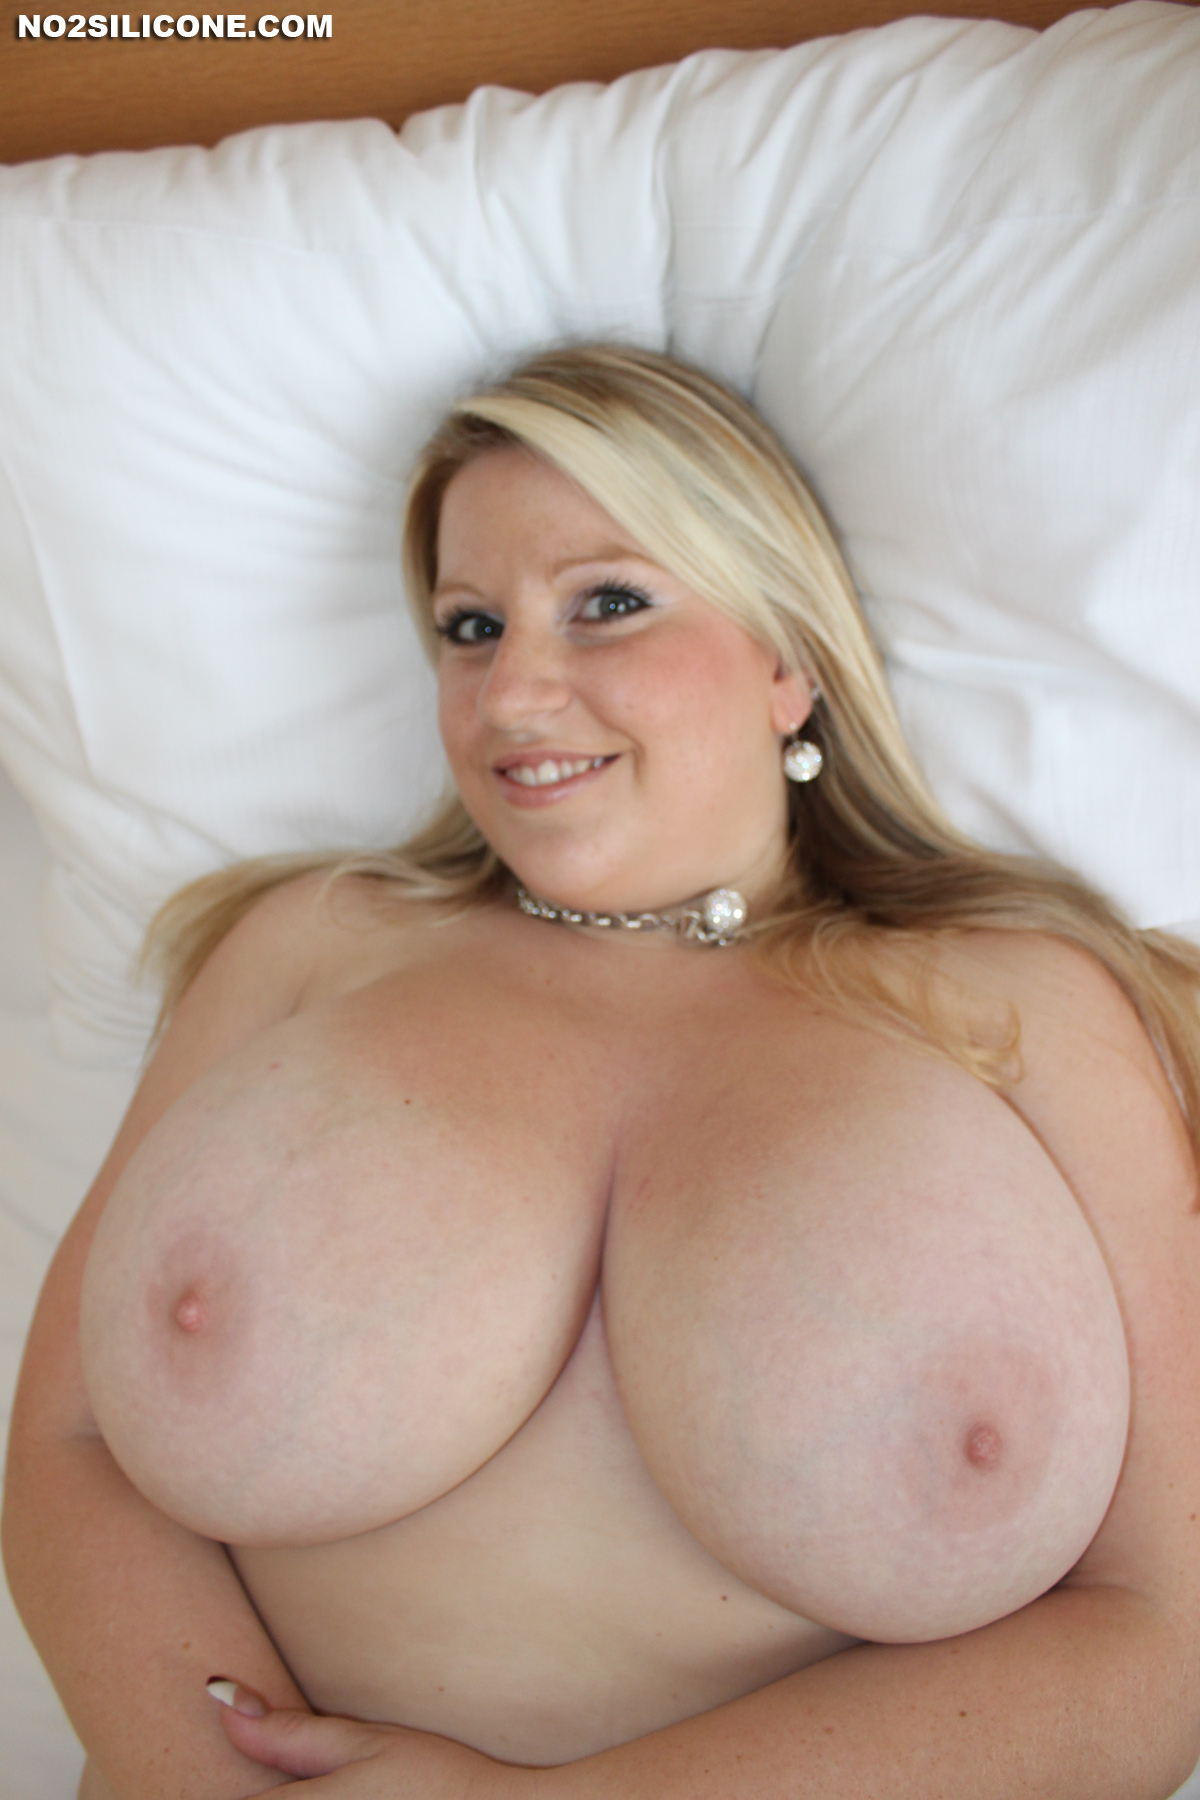 Kristen bell nude cloths